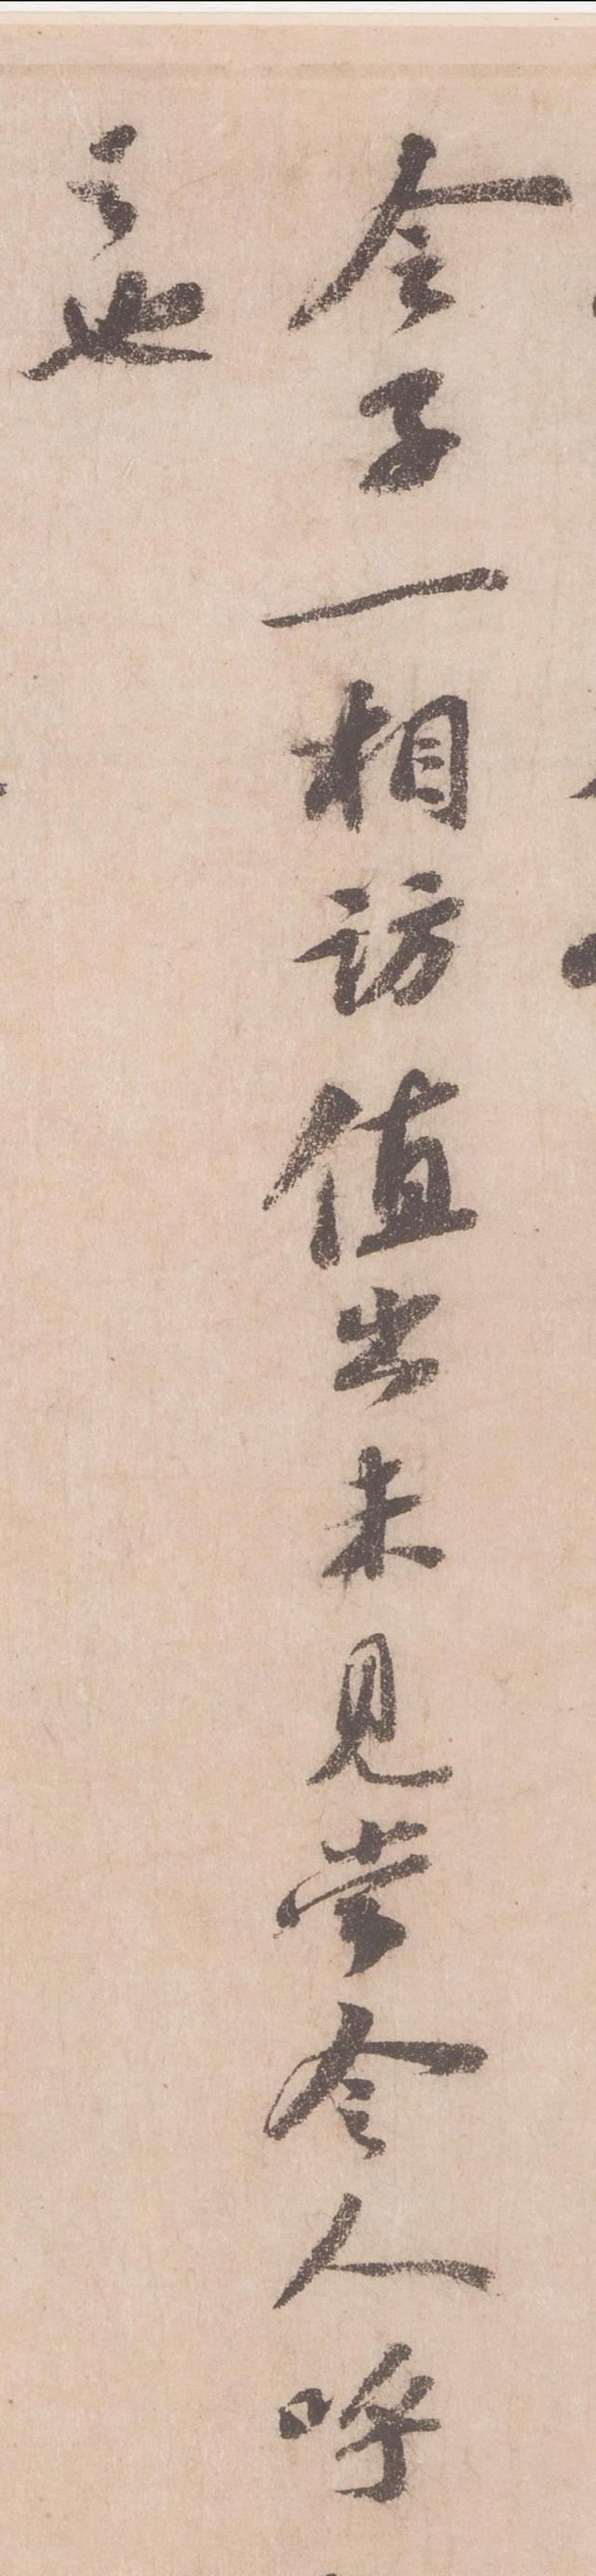 台北故宫博物院馆藏书法真迹,宋代苏轼《覆盆子帖》